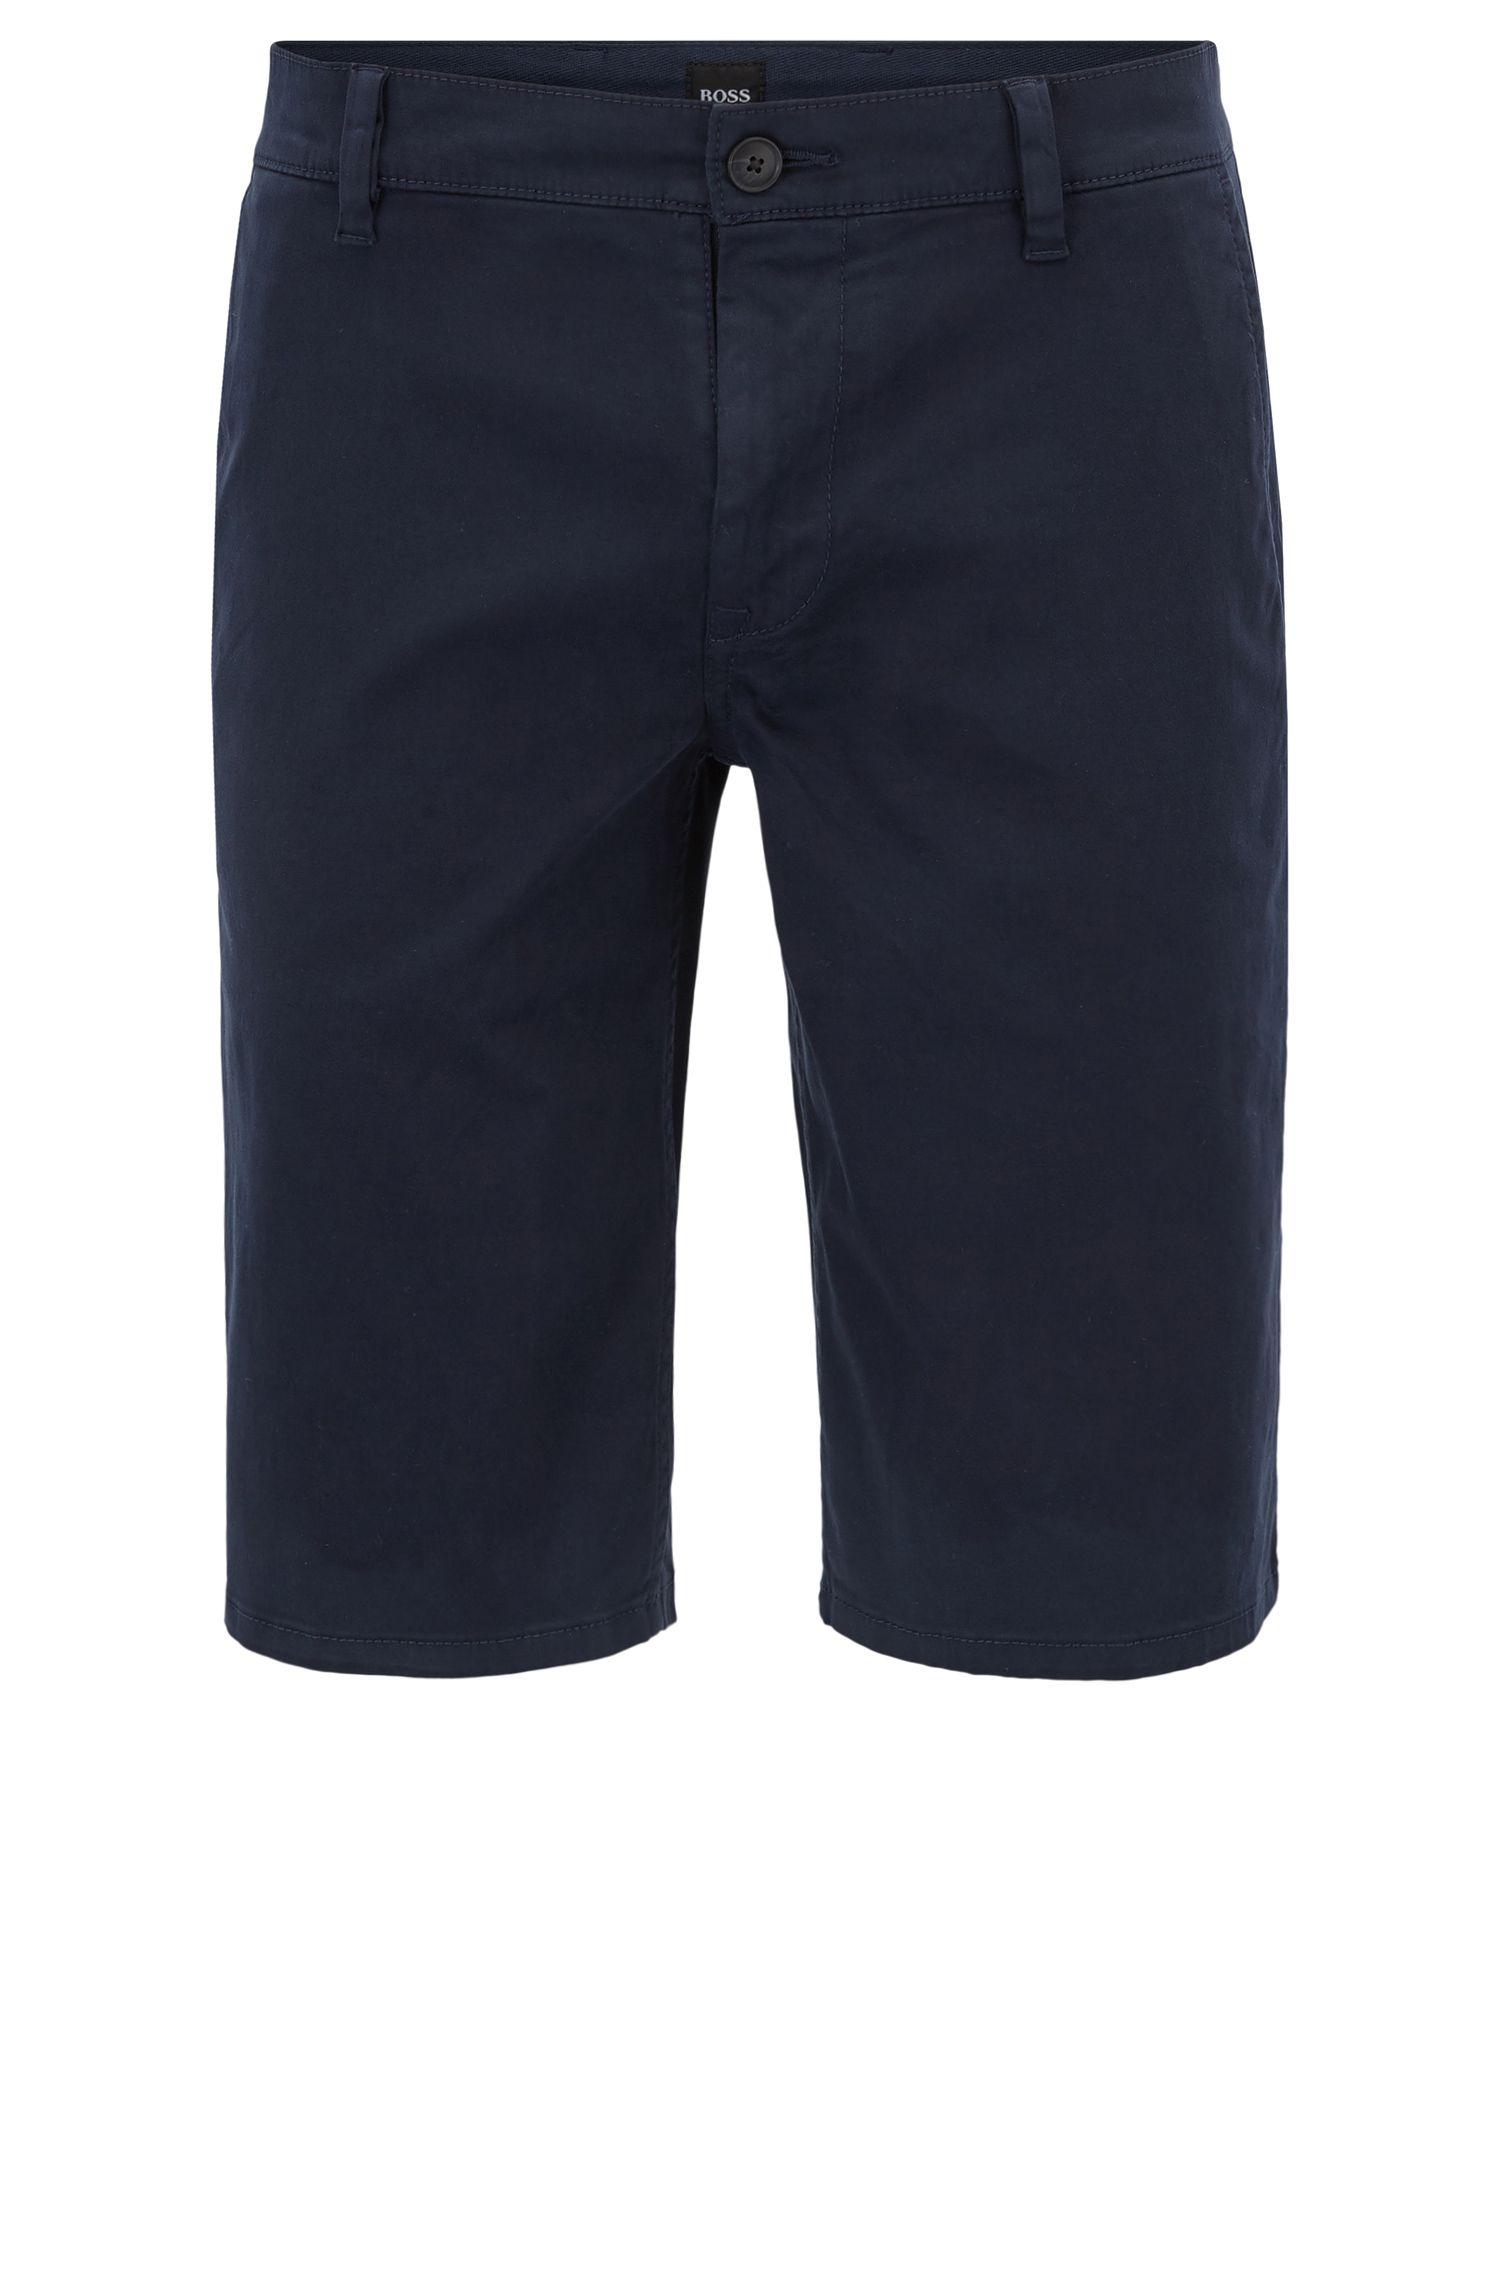 Shorts estilo chino en algodón elástico